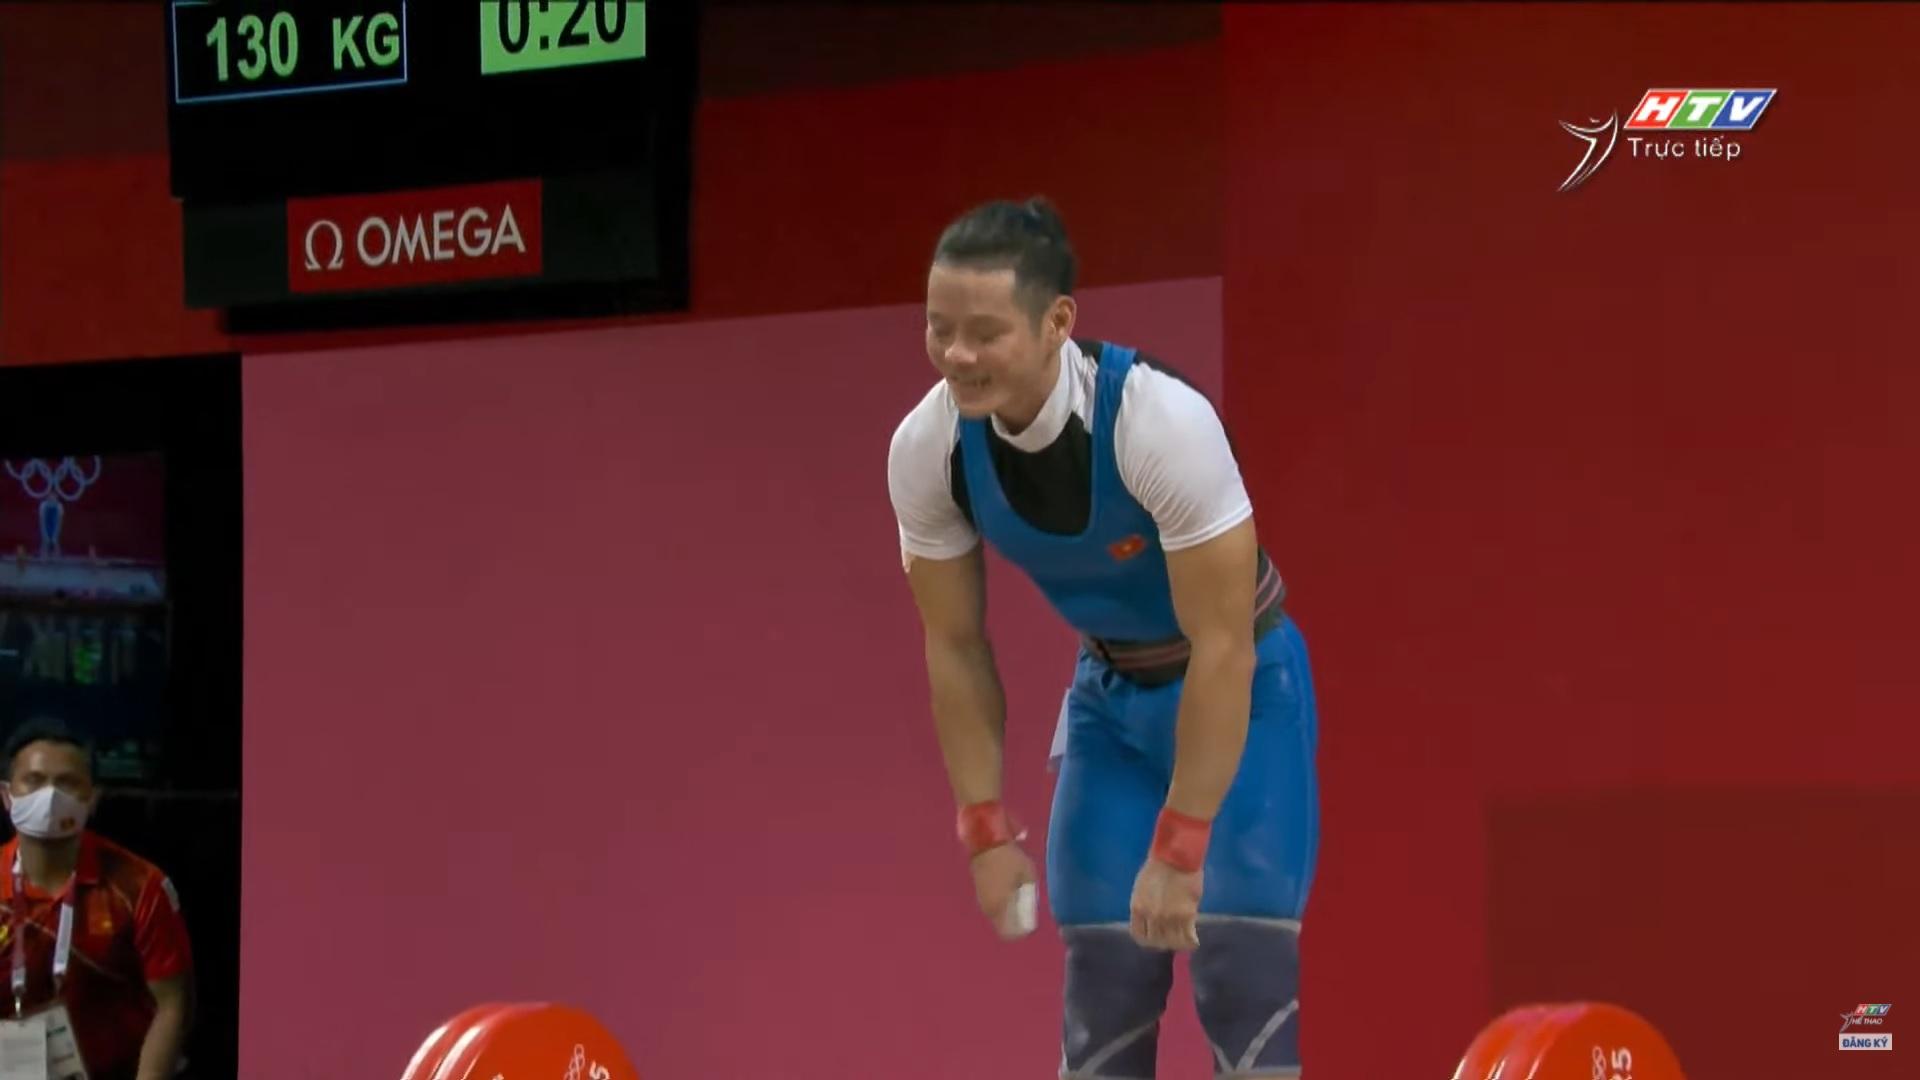 Liên tục để rơi tạ, niềm hy vọng Thạch Kim Tuấn không được tính thành tích tại Olympic 2020 - ảnh 5